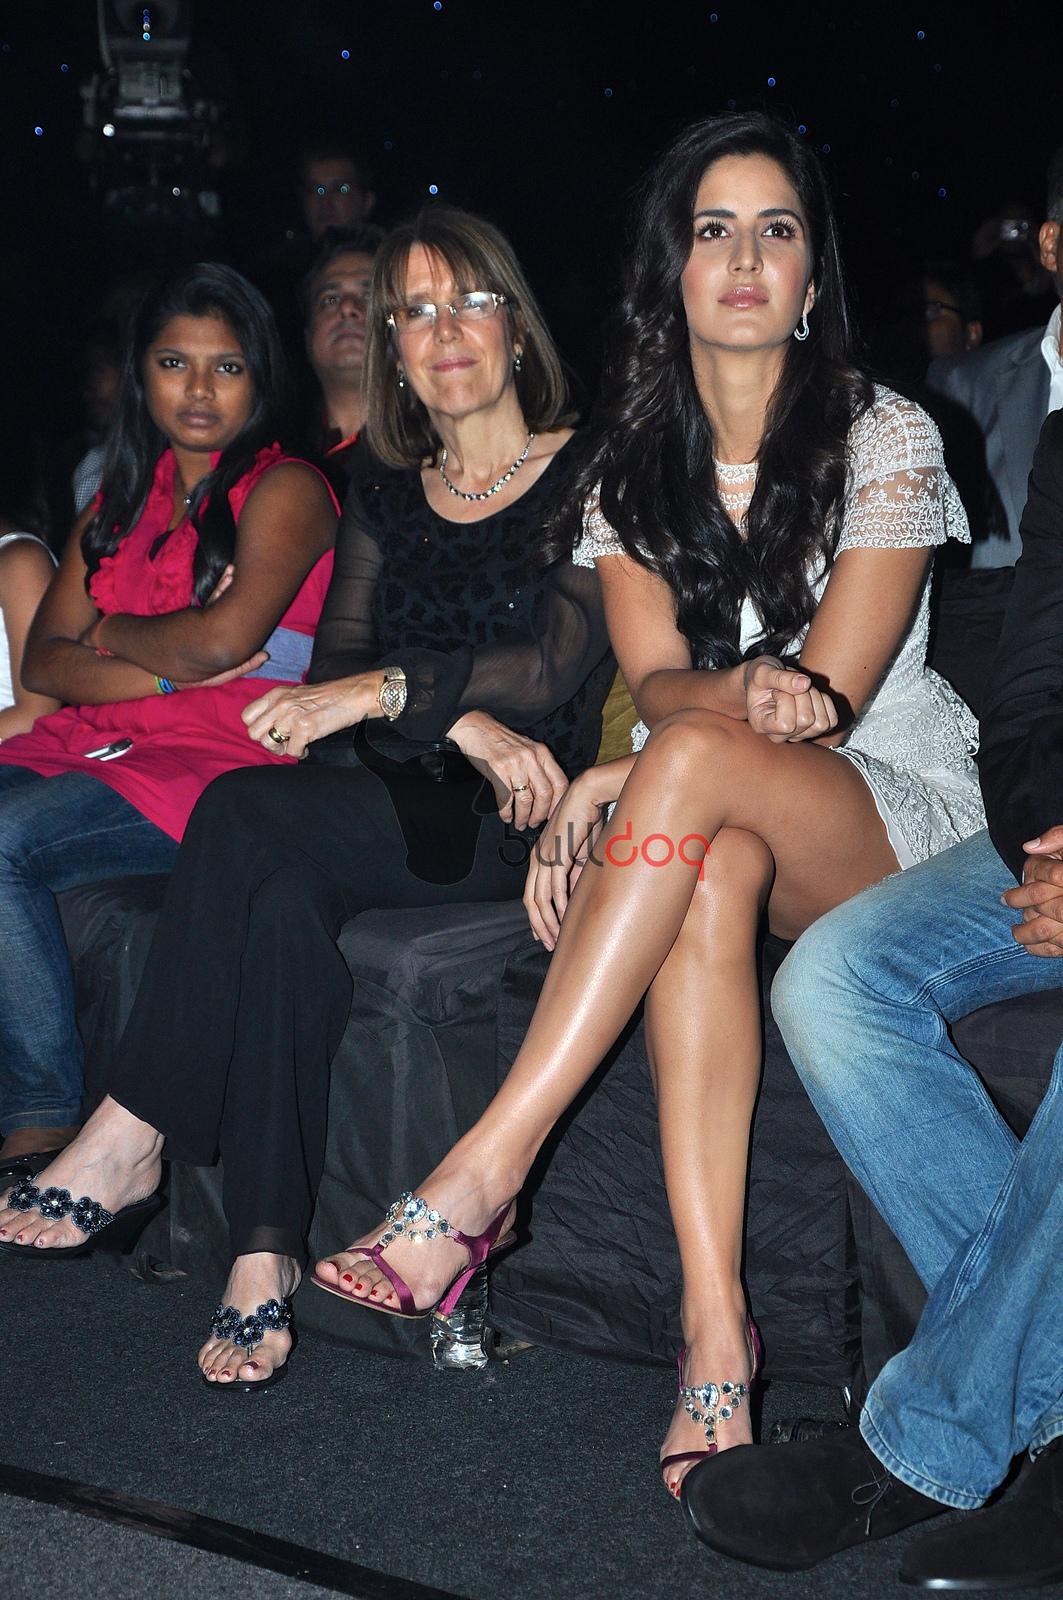 http://1.bp.blogspot.com/-O6n38skqLOg/UOFFXWuPkFI/AAAAAAAAHcA/dTlGh_exstE/s1600/Katrina-Kaif-Feet-878066.jpg